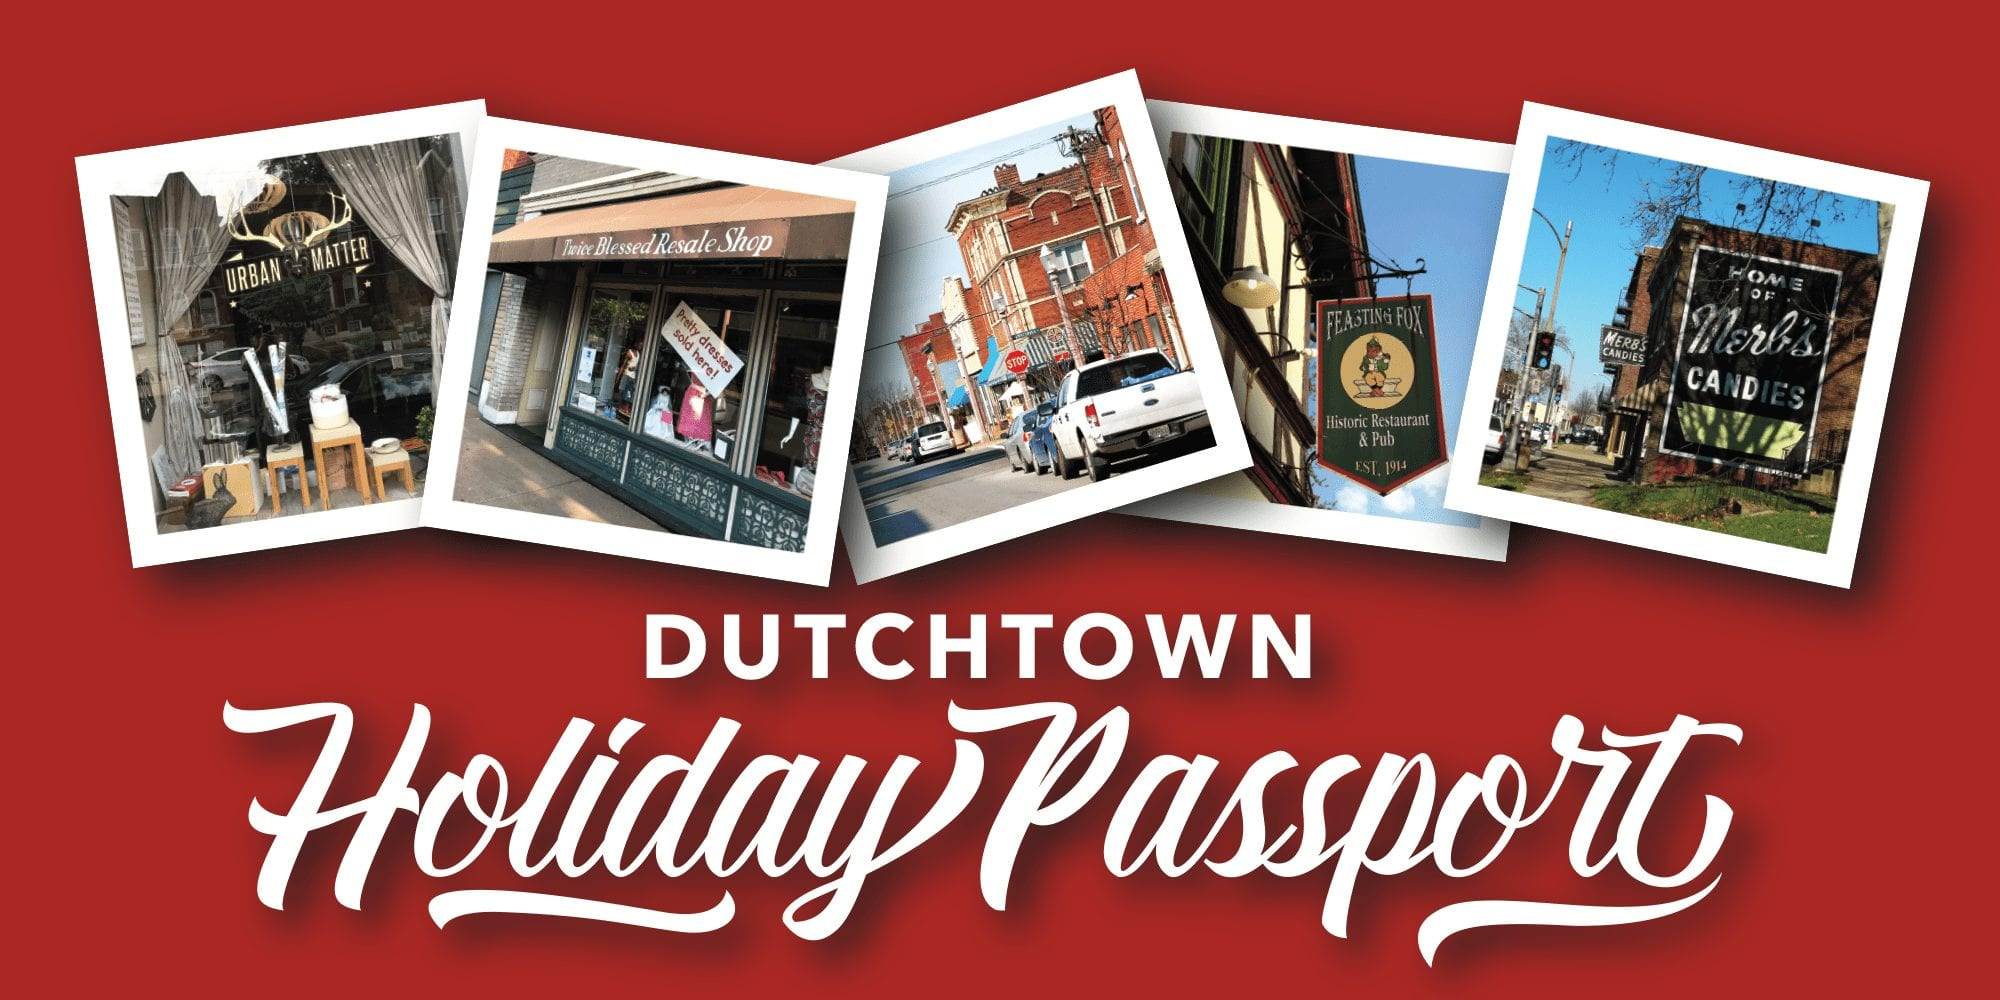 Dutchtown Holiday Passport.